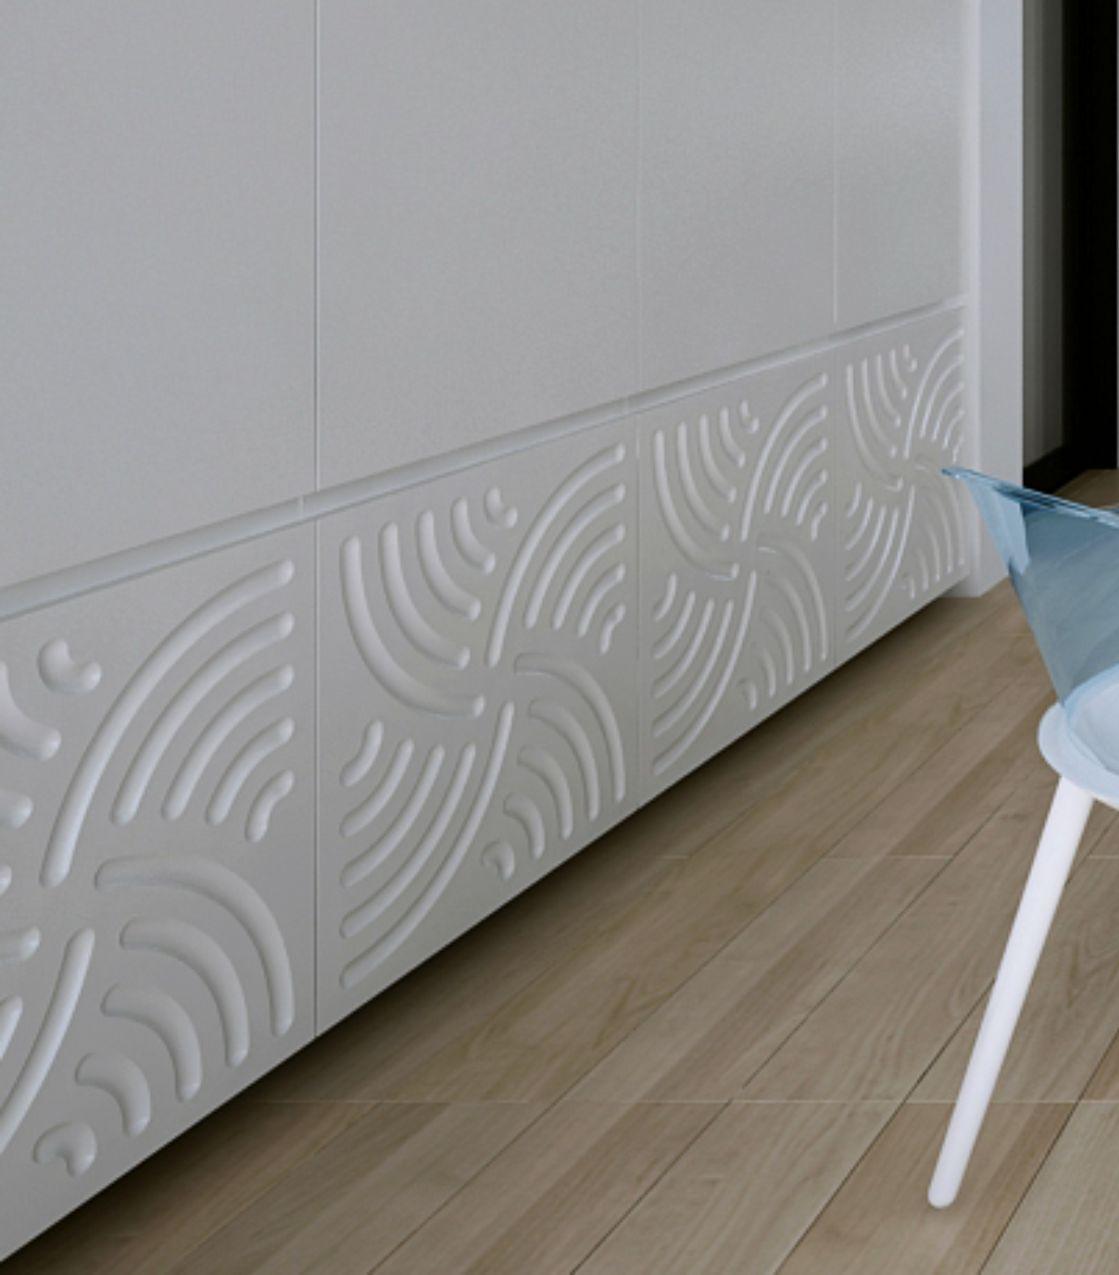 fronturi mdf frezate 3d vopsite alb , dulap incastrat perete